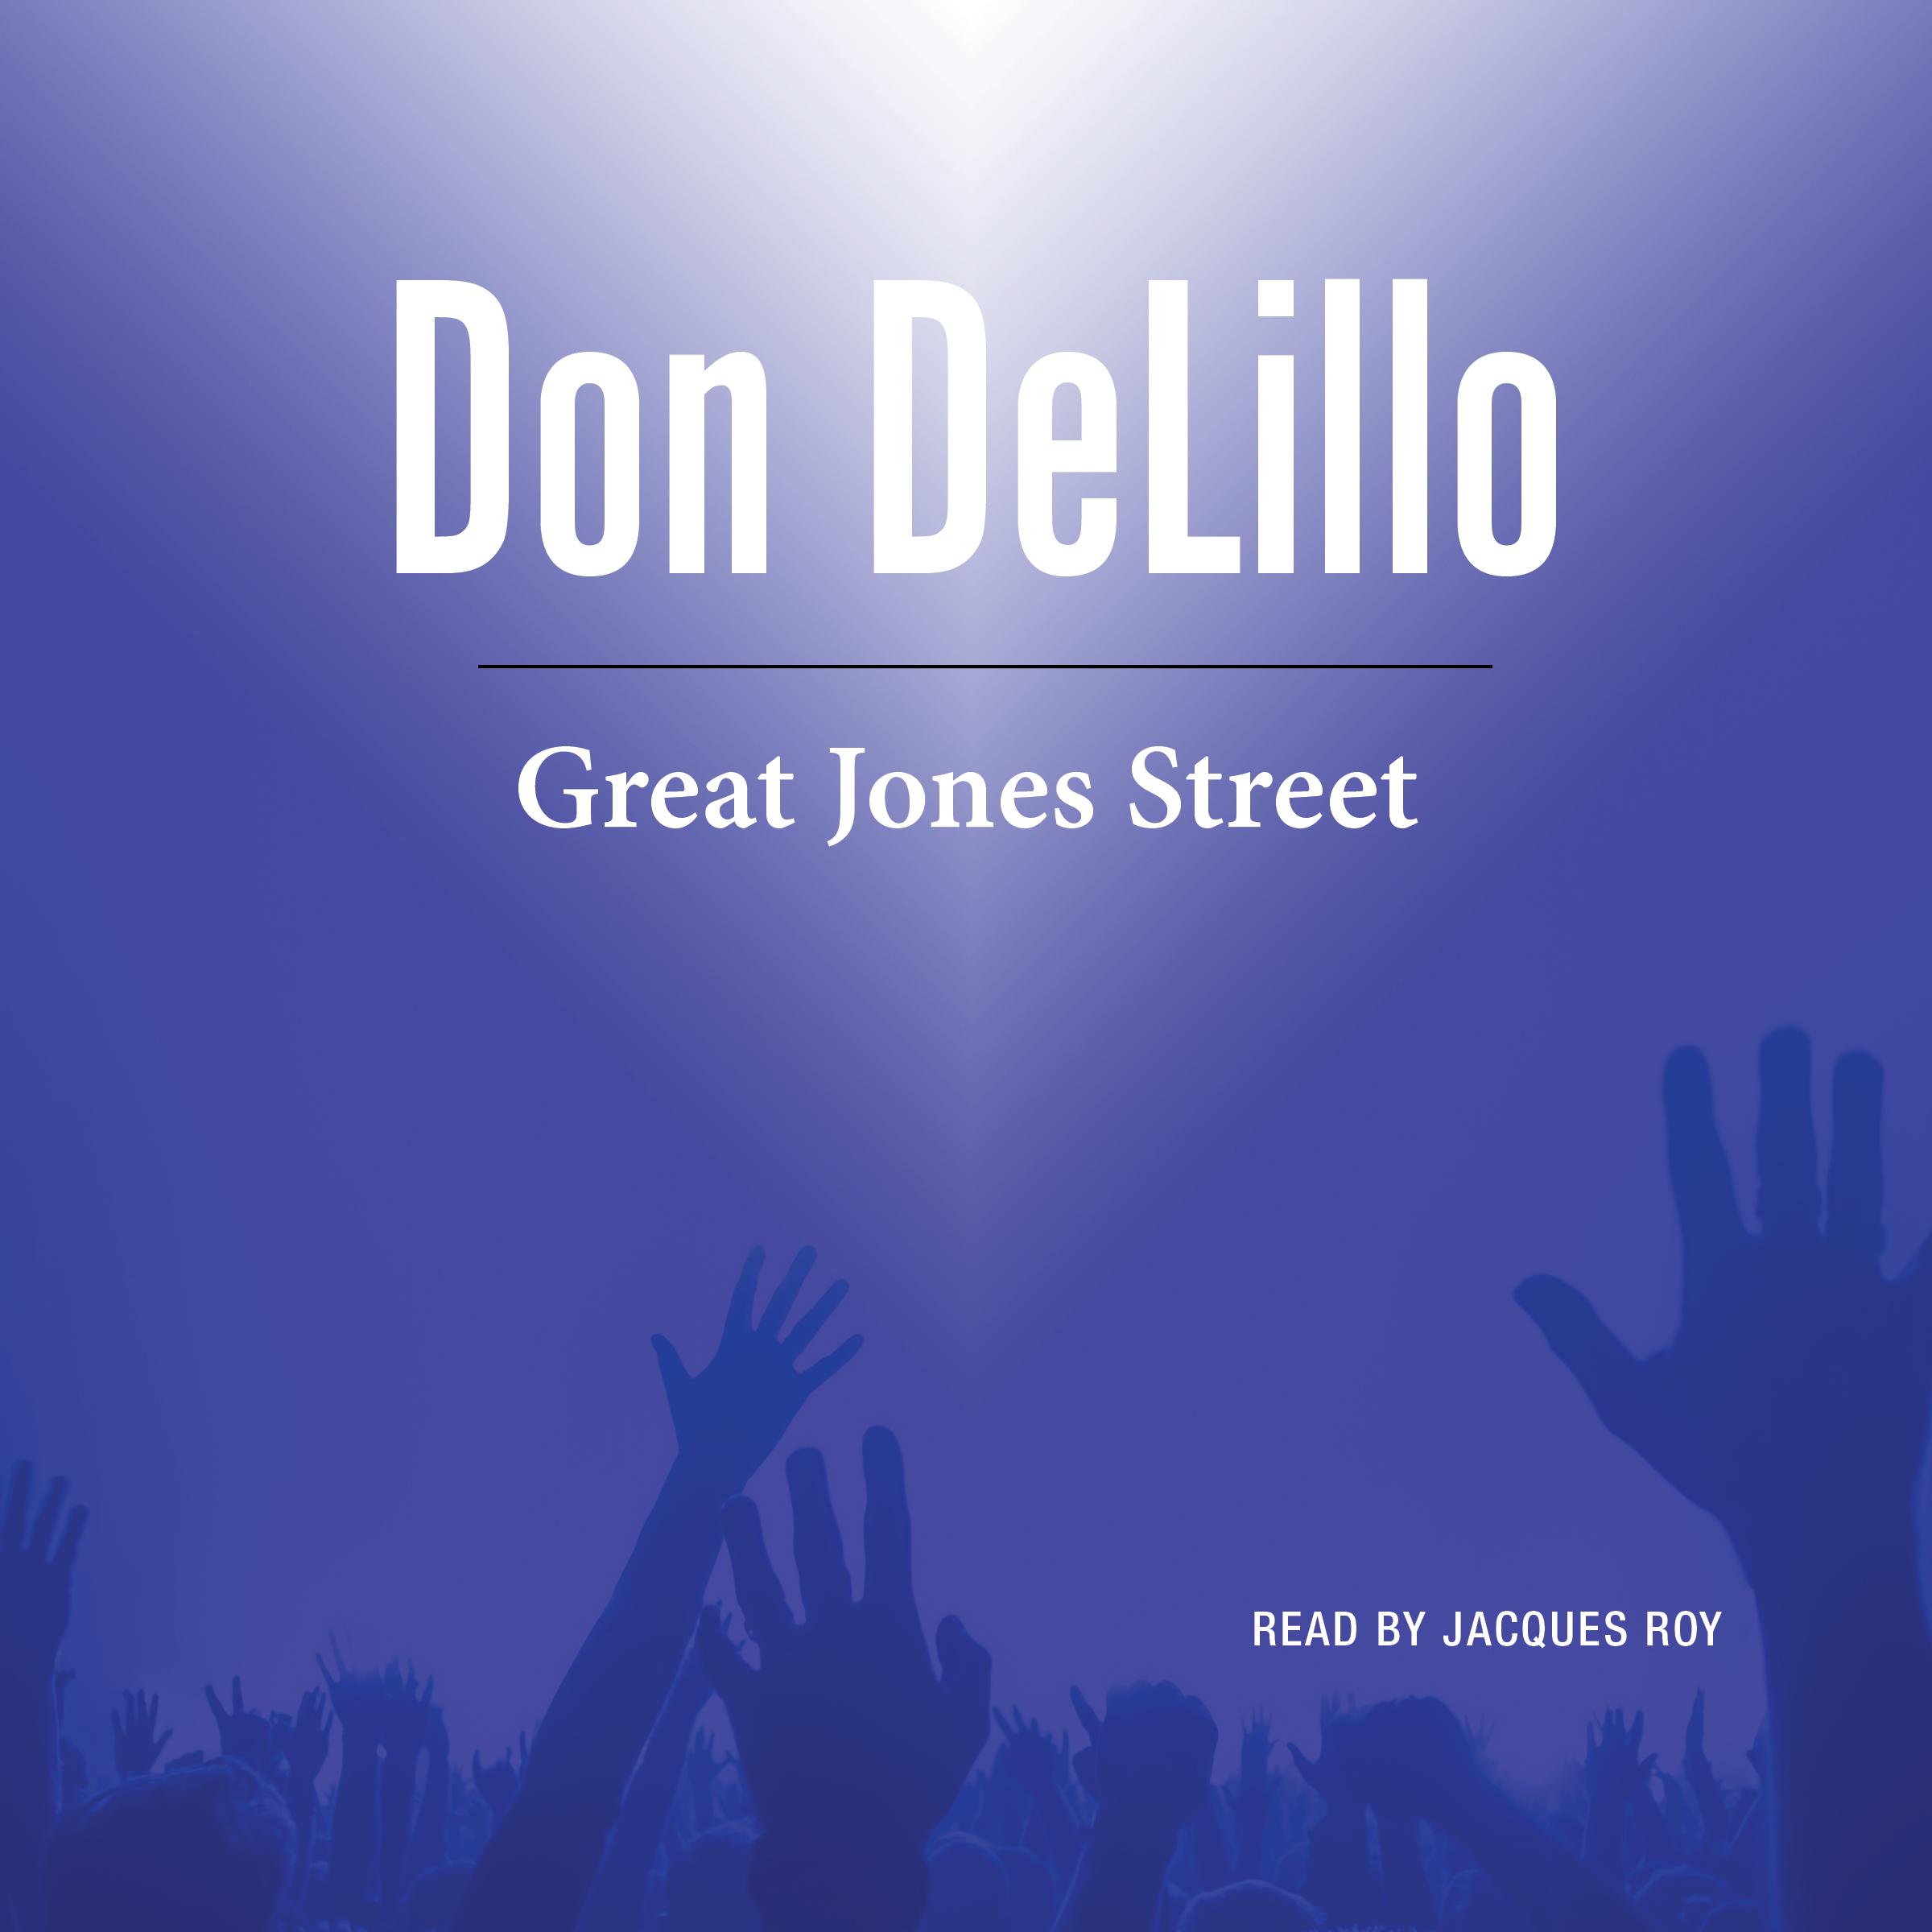 Great jones street 9781508226598 hr